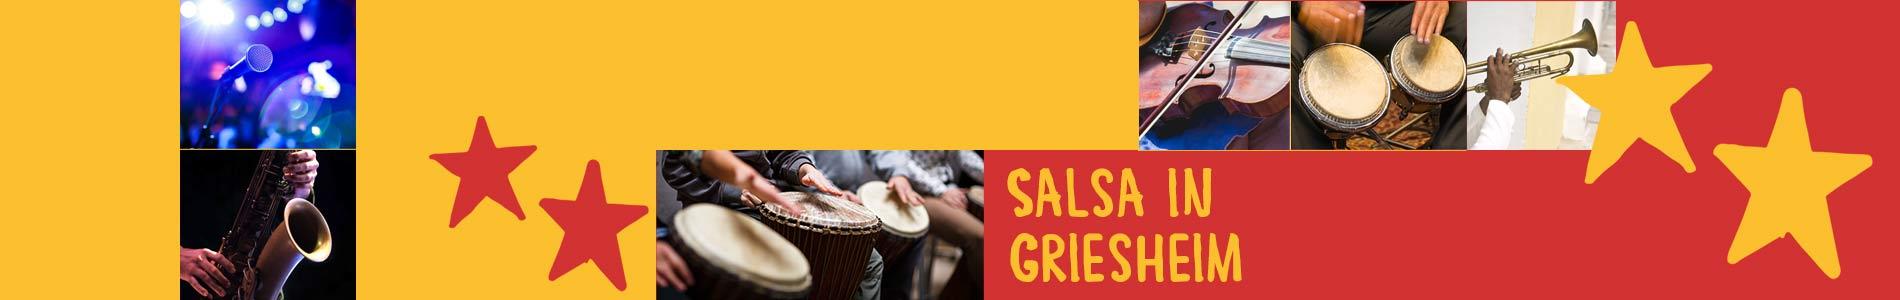 Salsa in Griesheim – Salsa lernen und tanzen, Tanzkurse, Partys, Veranstaltungen